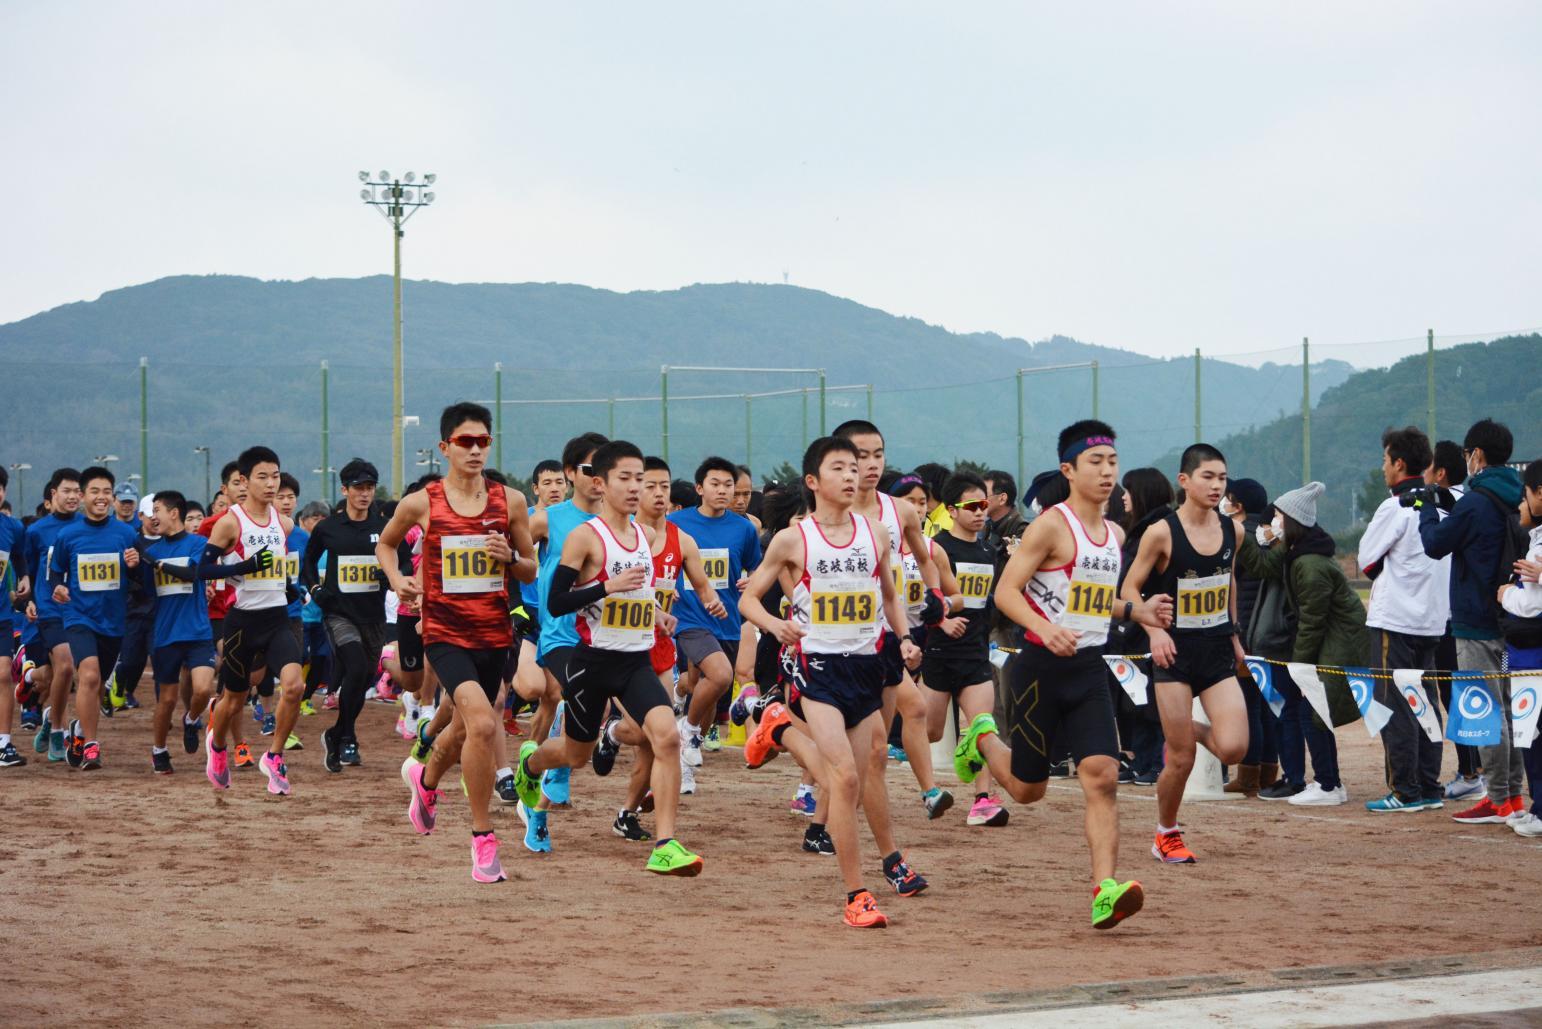 壱岐の島新春マラソン大会-4